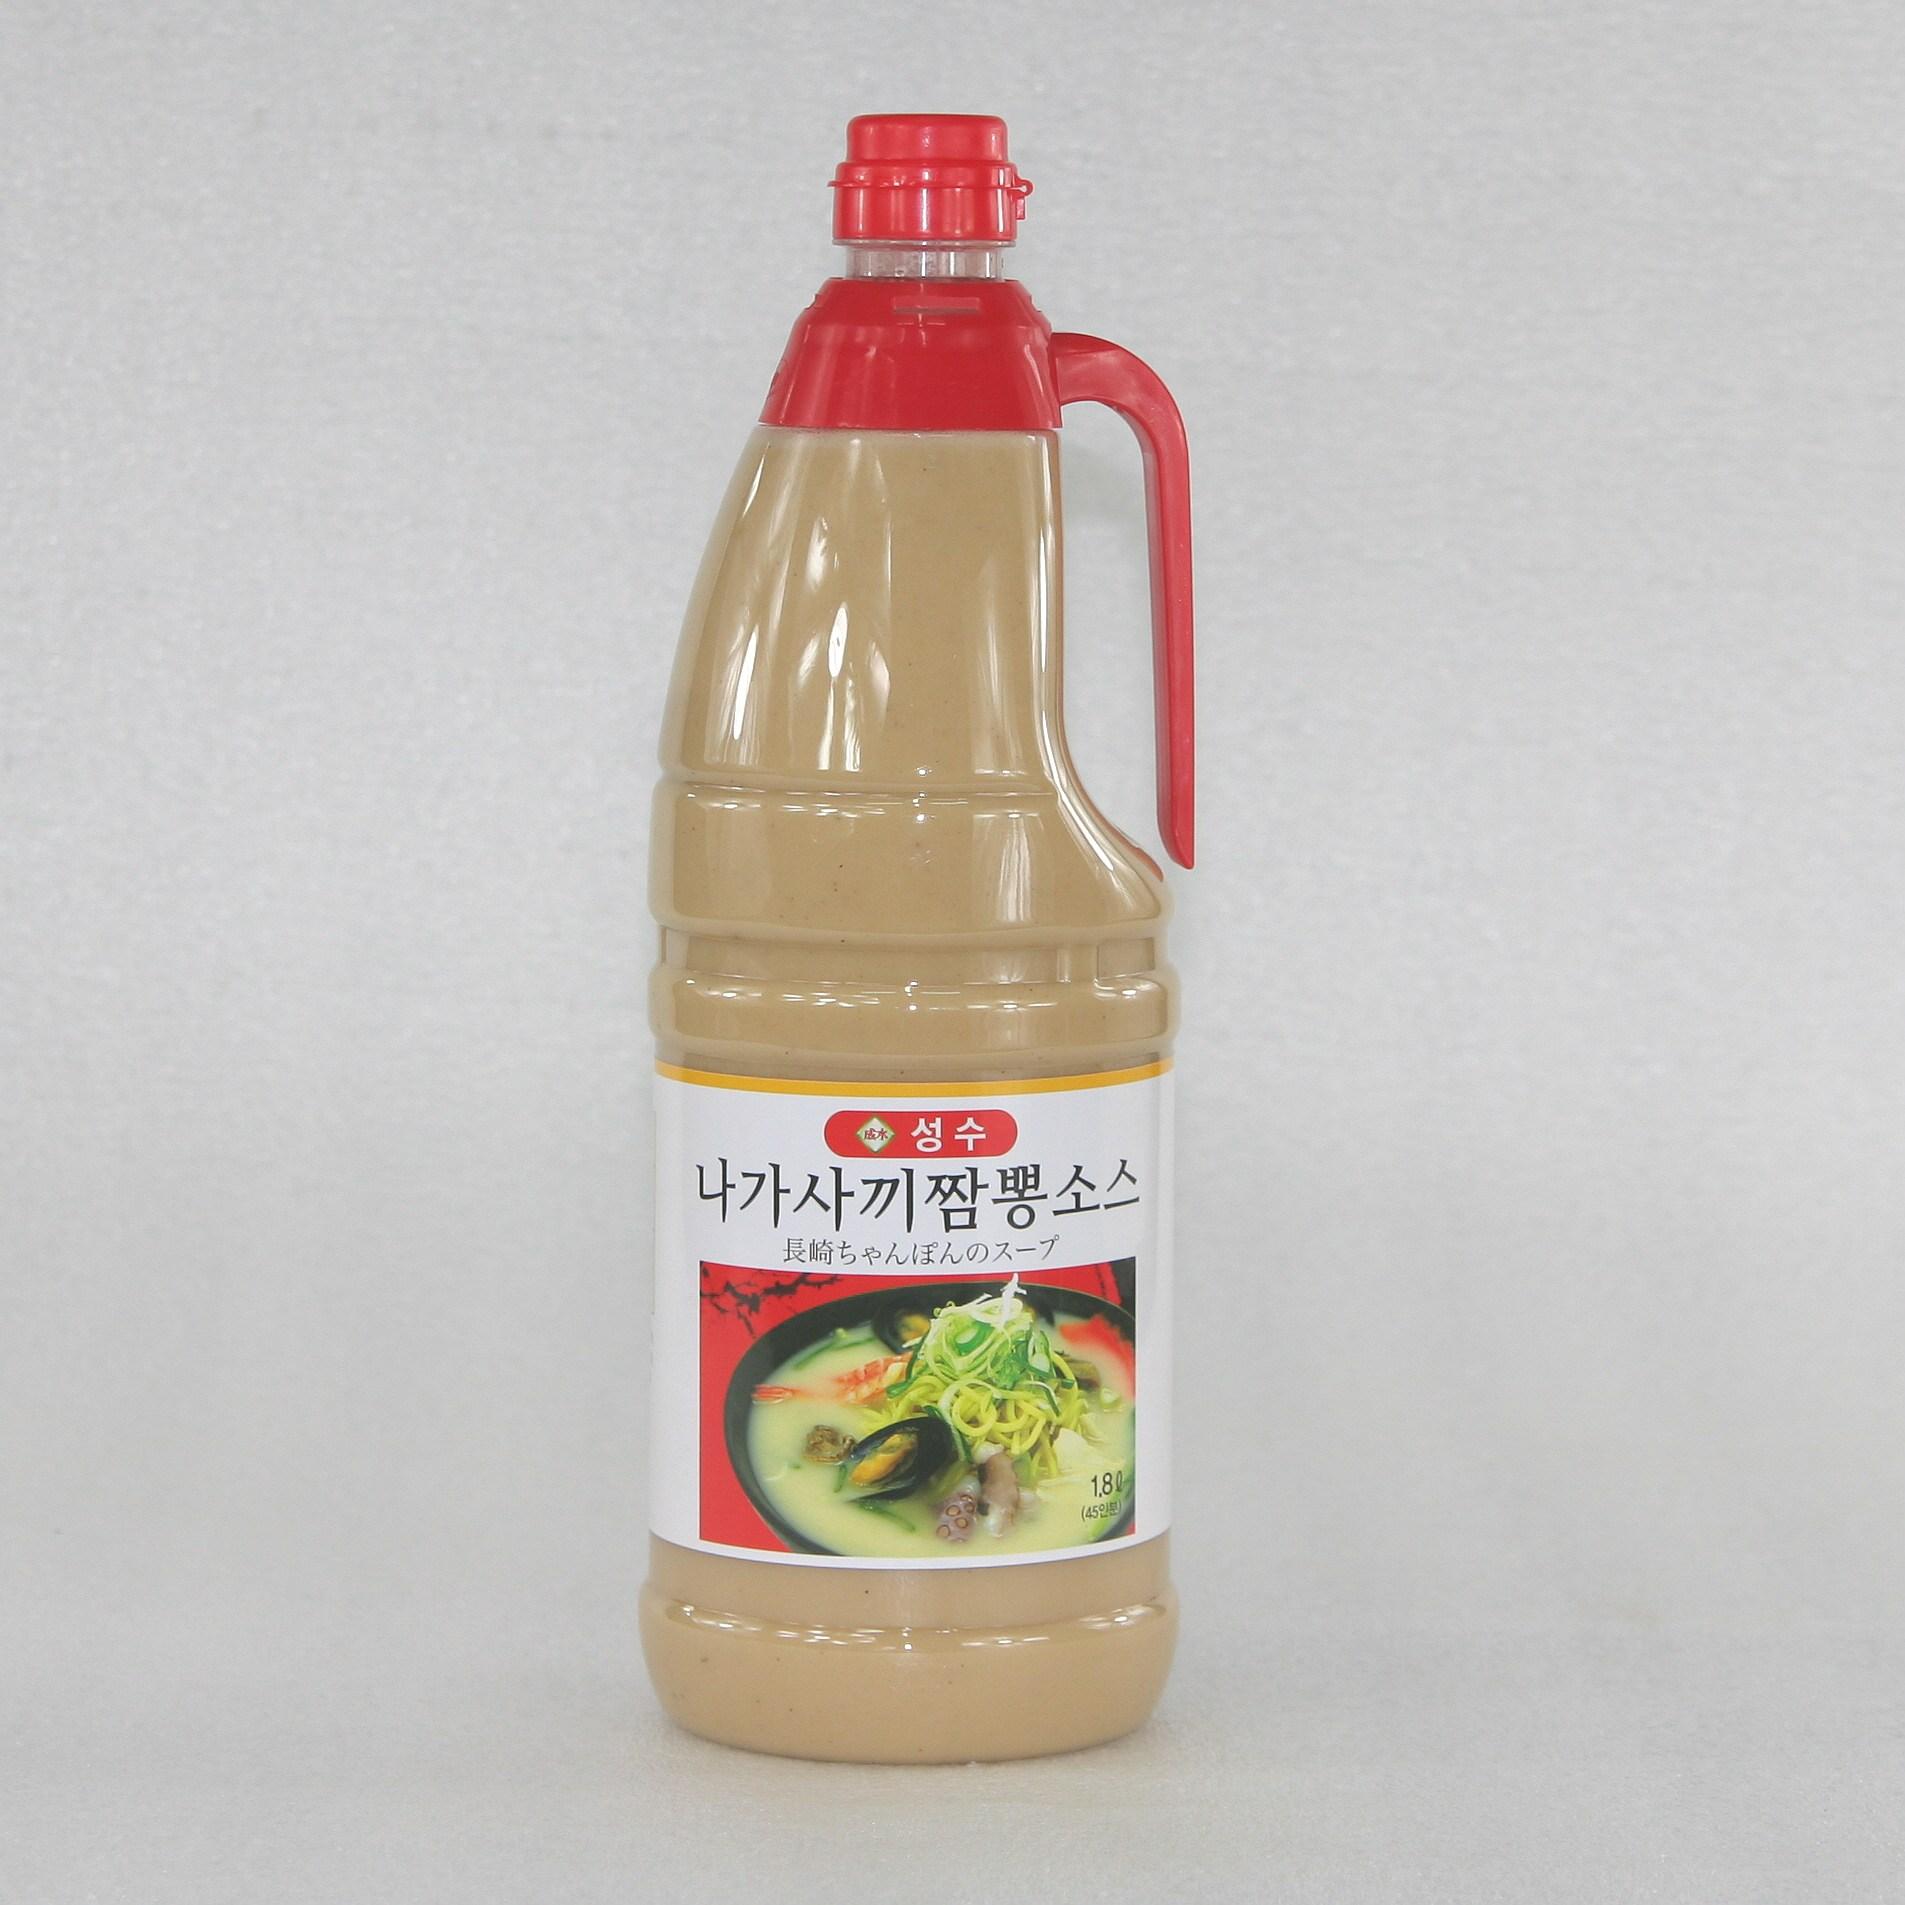 성수 나가사끼짬뽕 소스, 1개, 1800ml